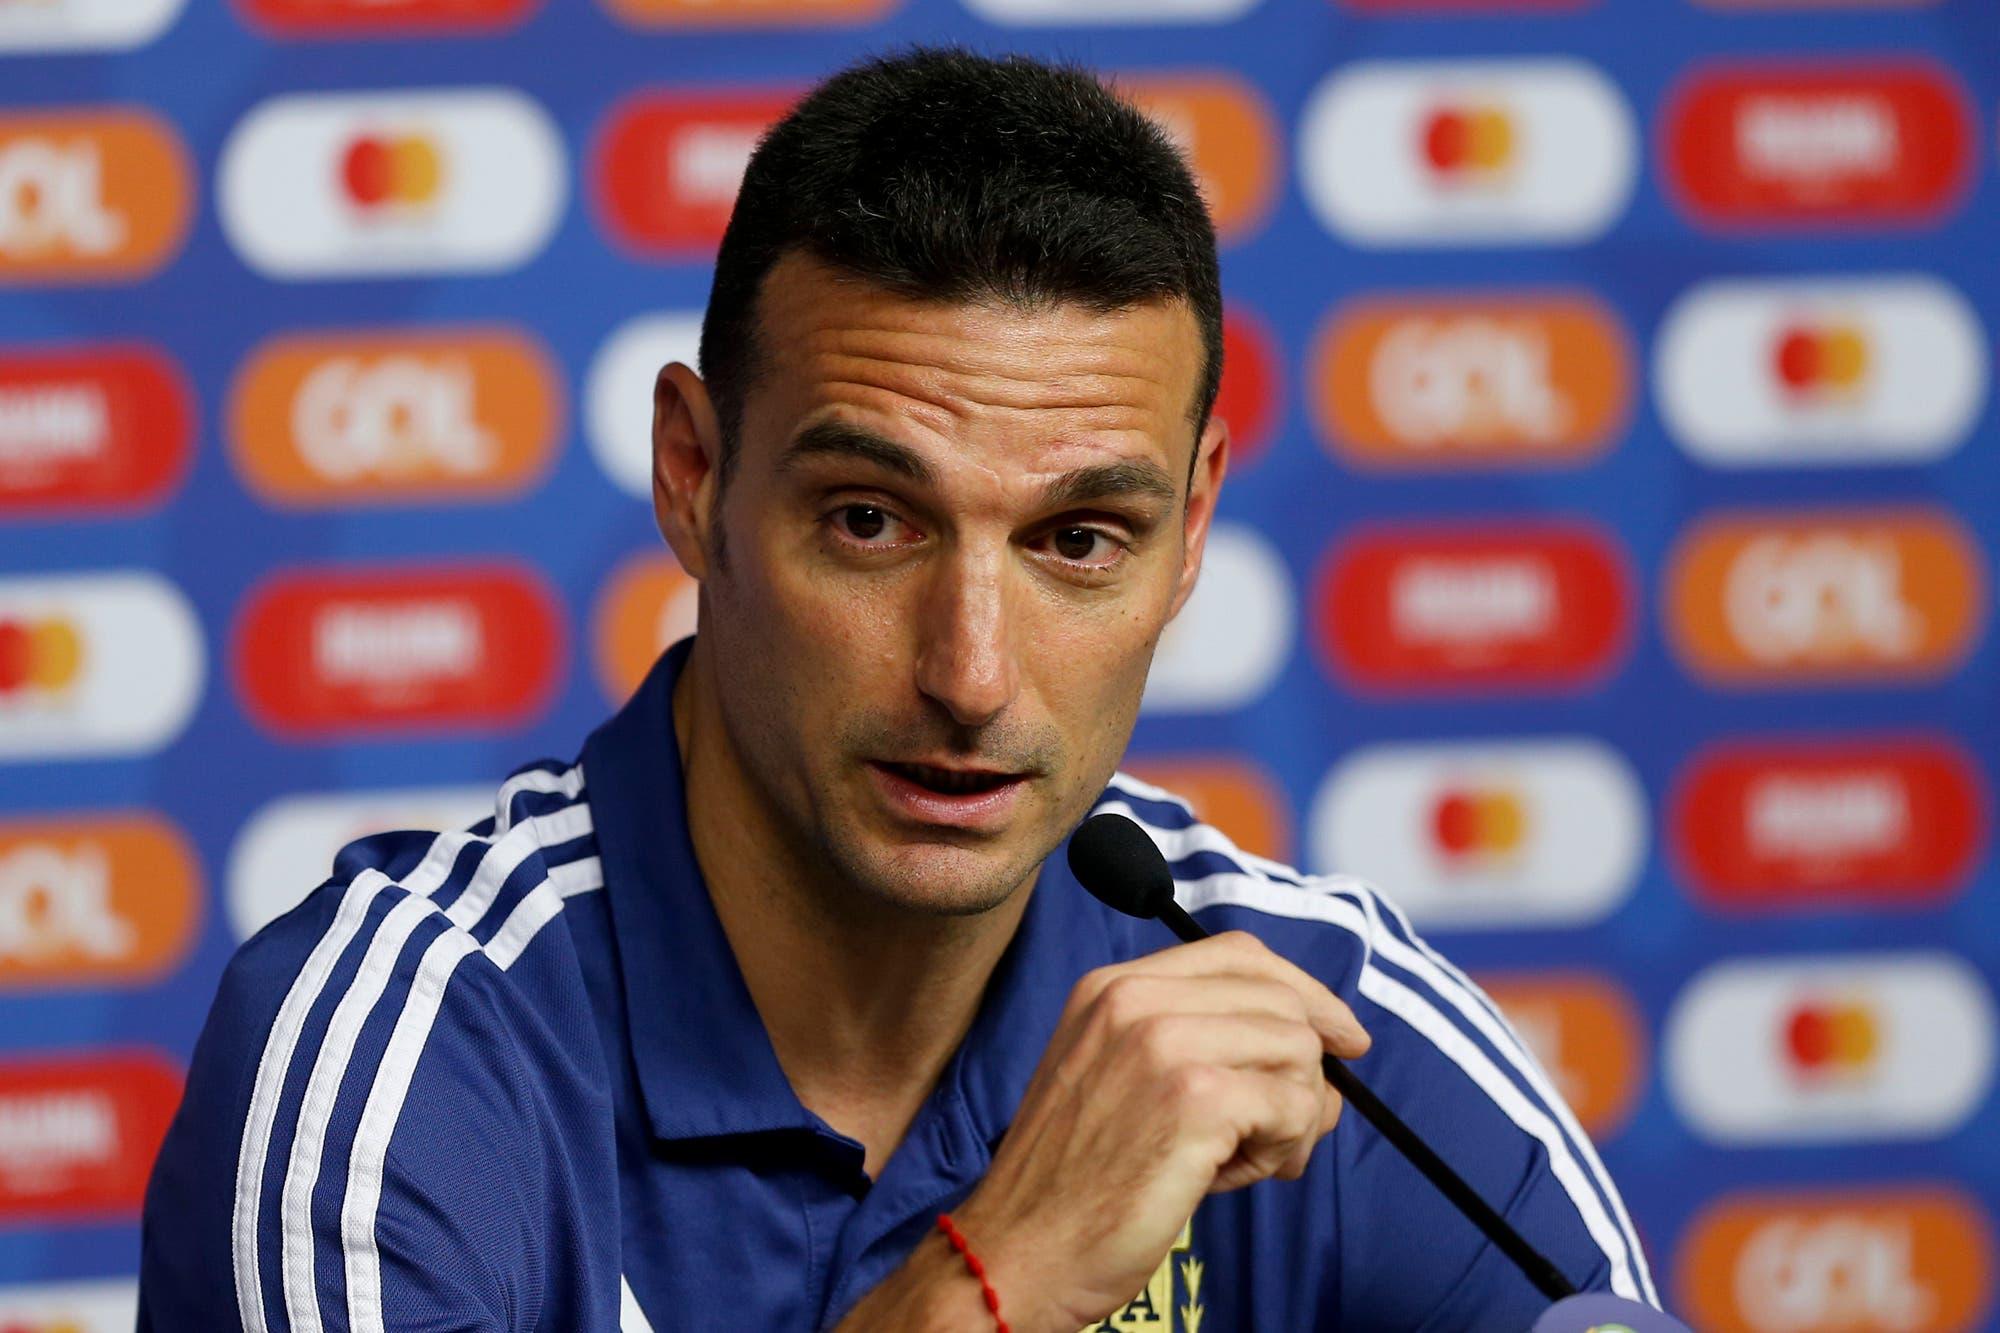 """Copa América: Scaloni cree que la Argentina está """"en el mejor momento para enfrentar al favorito Brasil"""""""